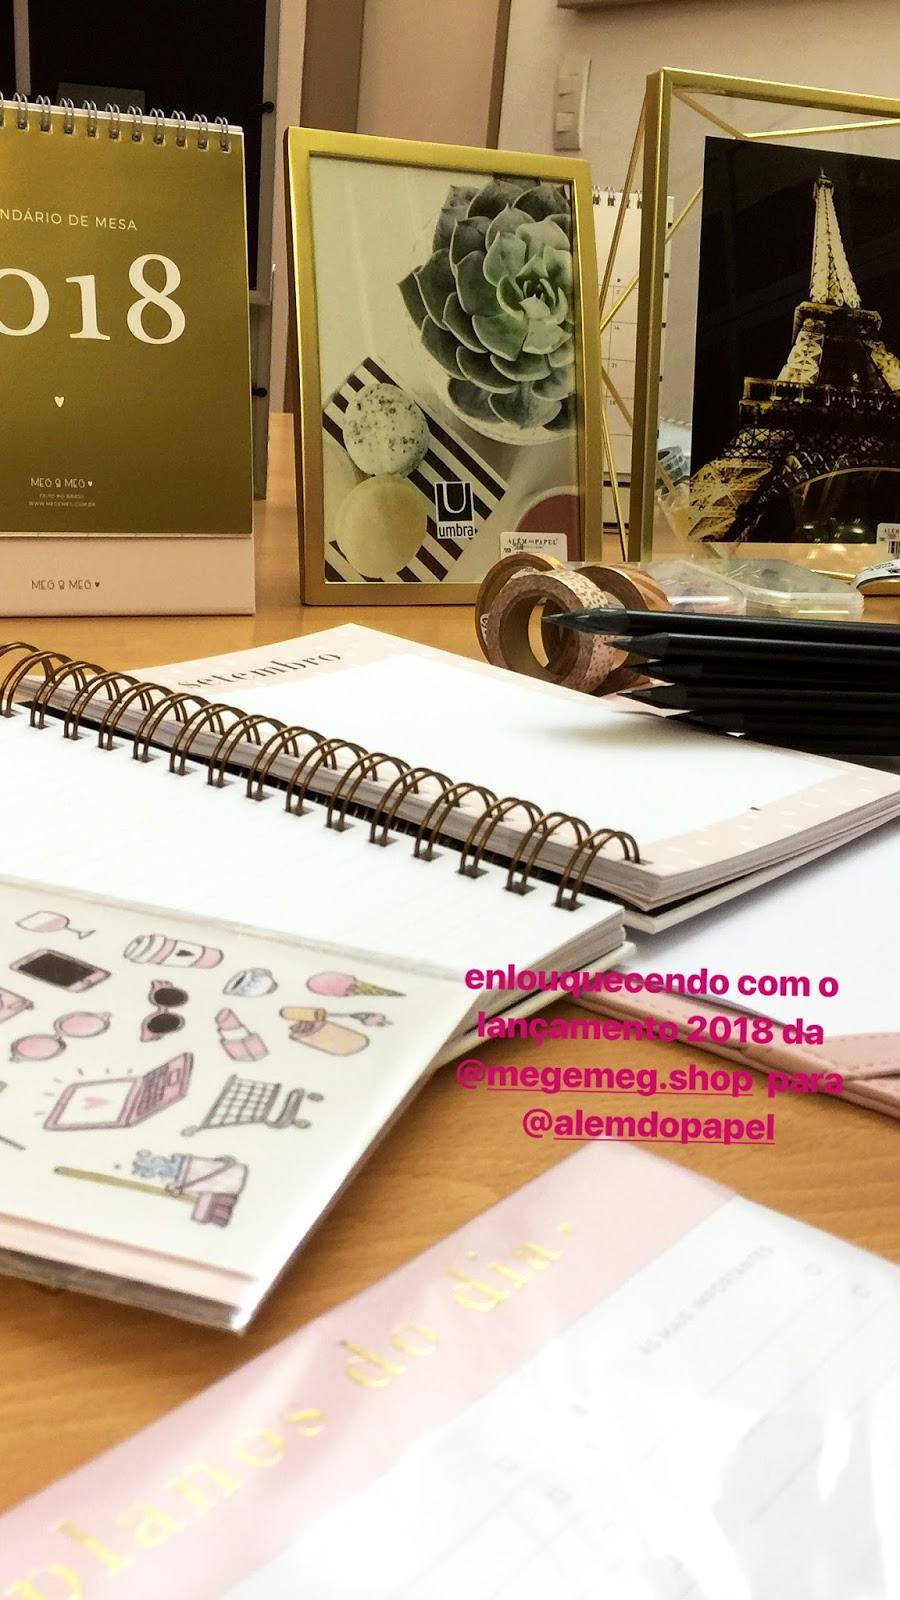 instastories save evento lançamento coleção de planners 2018 da Meg & Meg para Além do Papel em Curitiba/PR